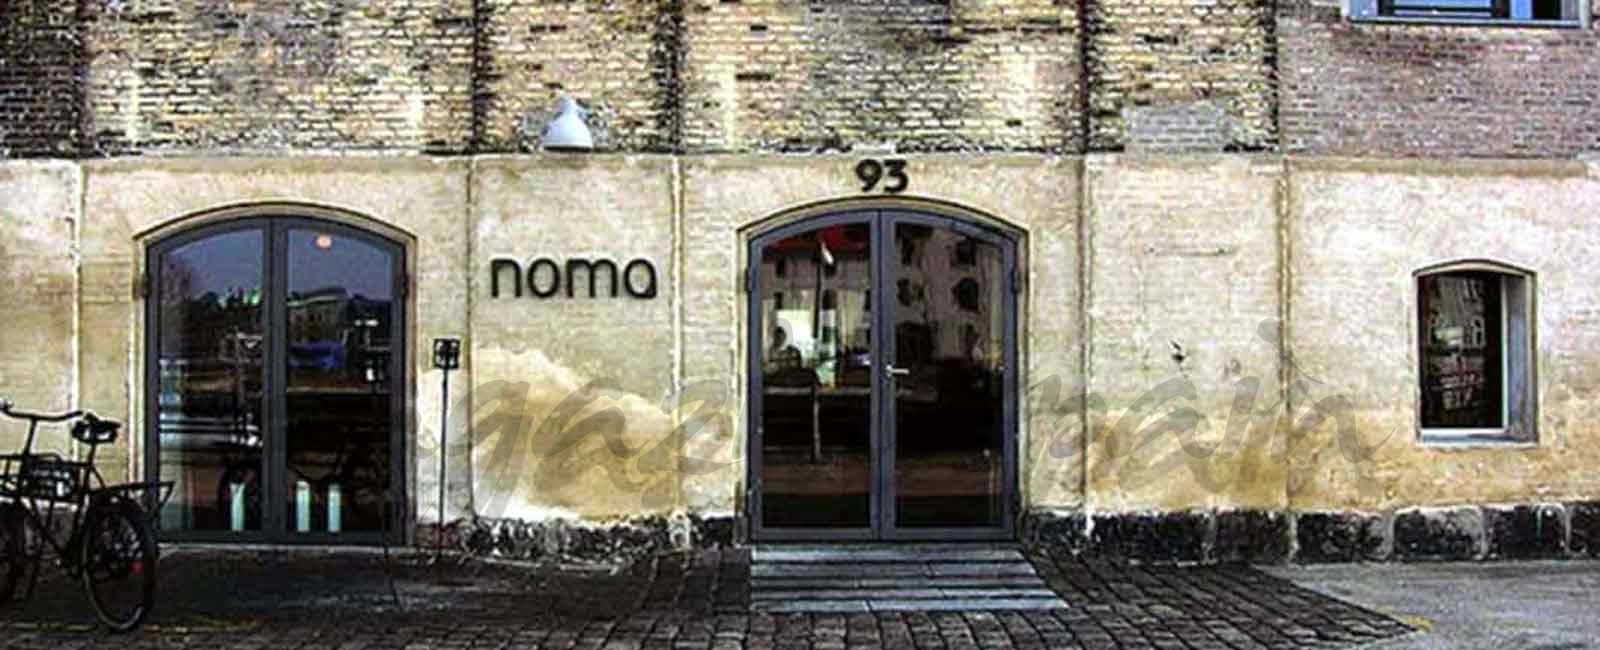 Adiós Noma ¿ Con qué nos sorprenderá el nuevo Noma 2?